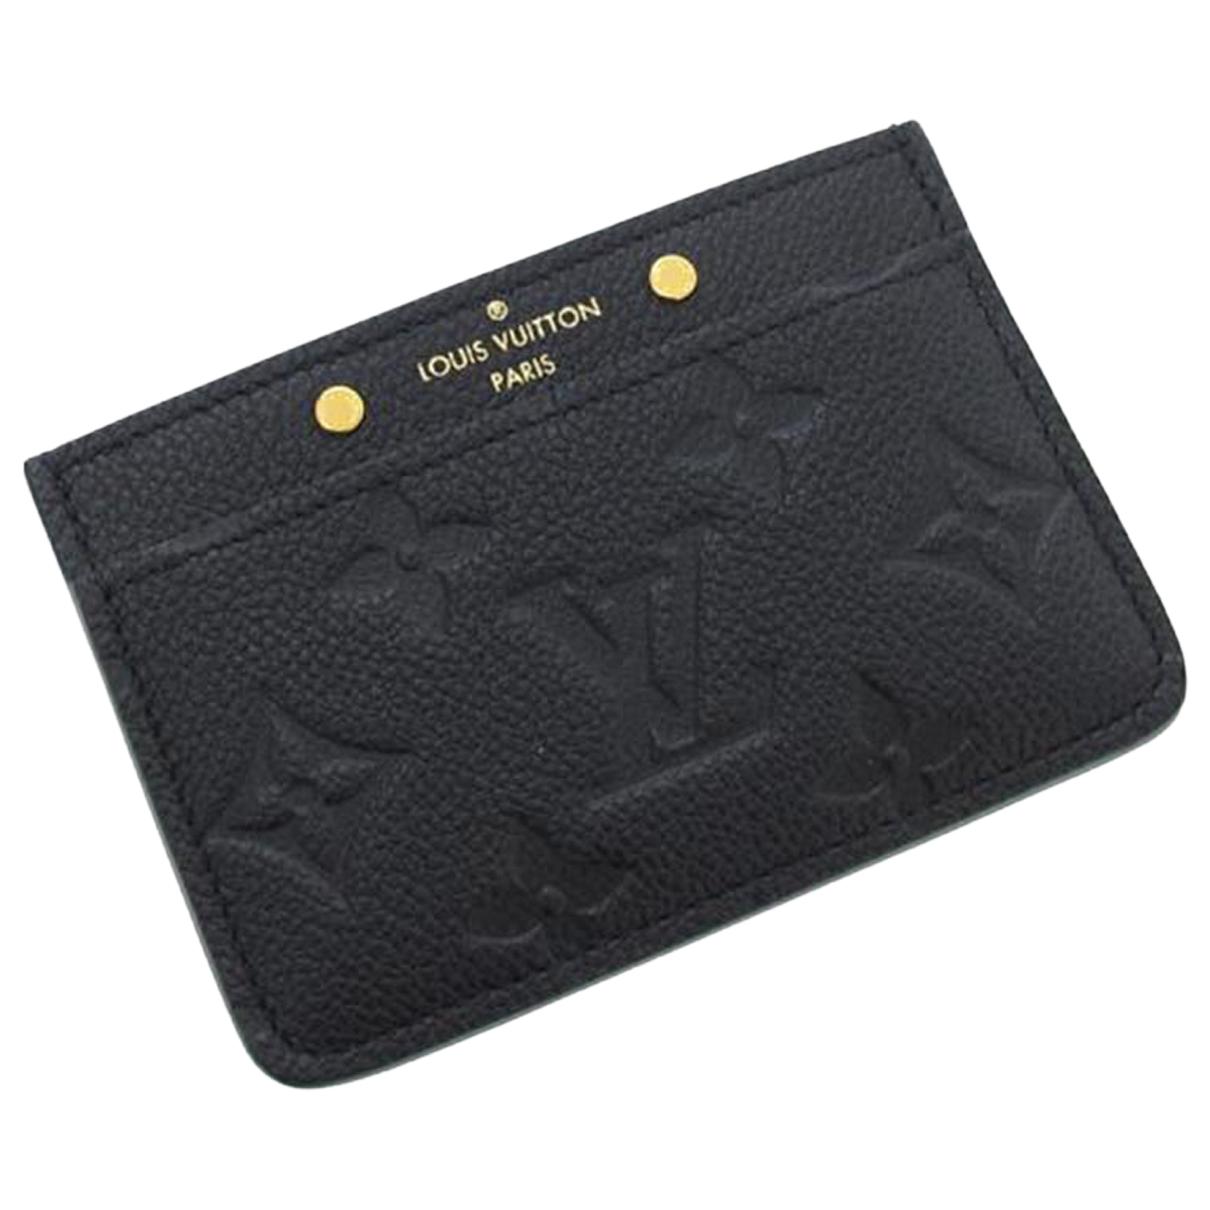 Louis Vuitton - Petite maroquinerie   pour femme en cuir